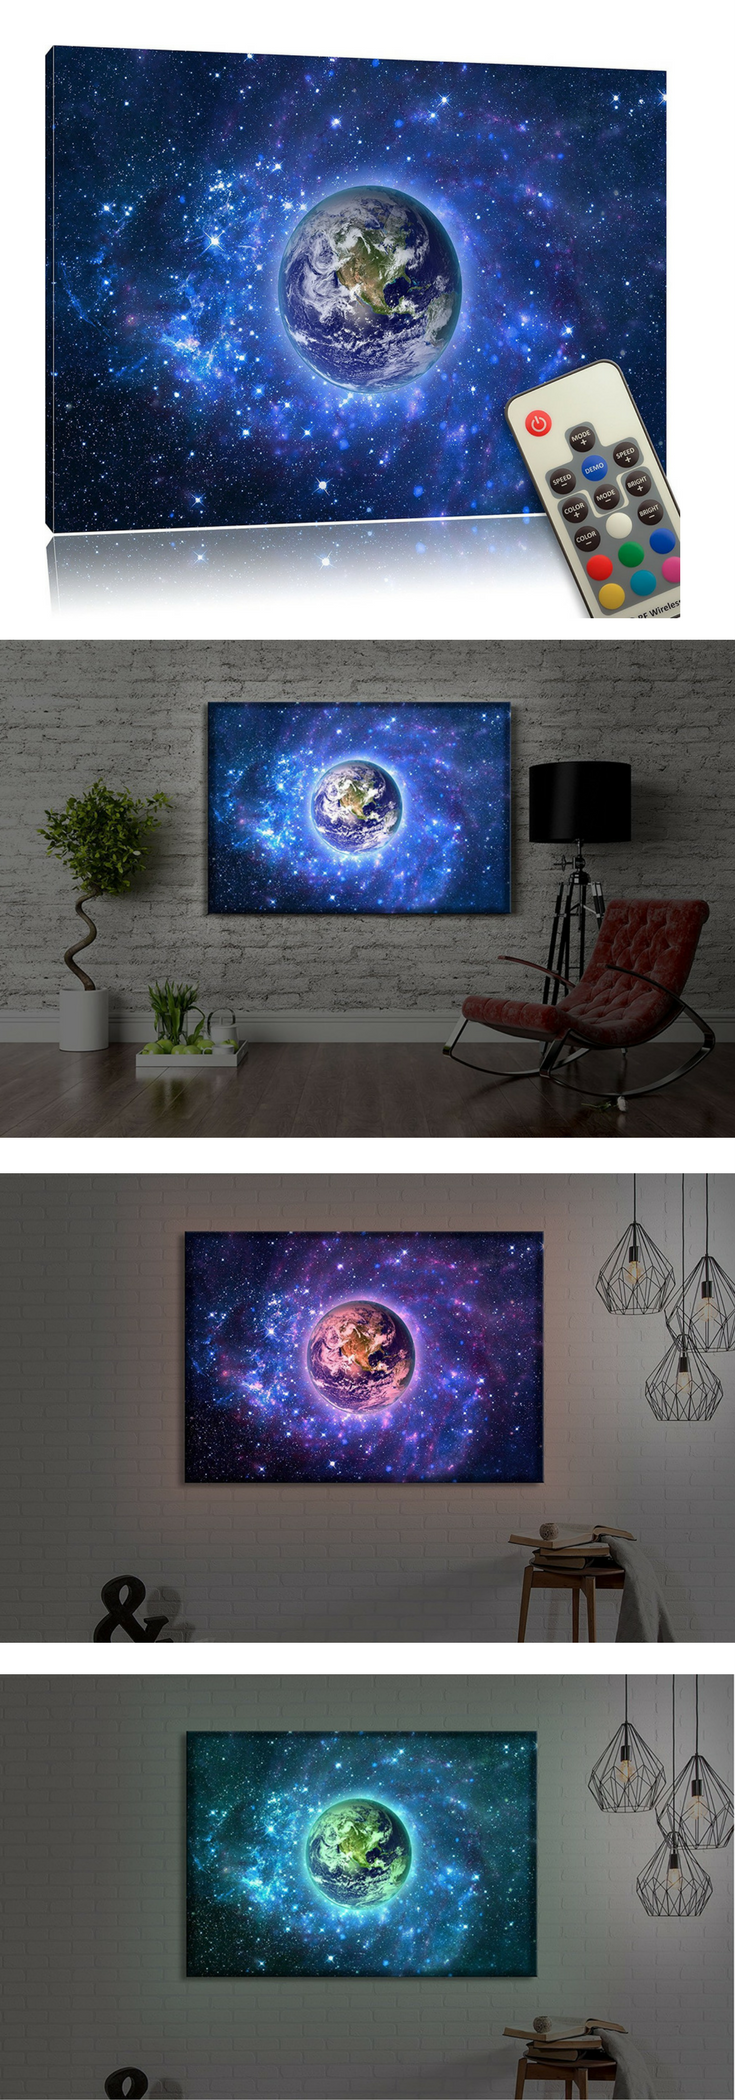 Tolle Wanddekoration für ein Weltraum Kinderzimmer: LED Bild mit ...